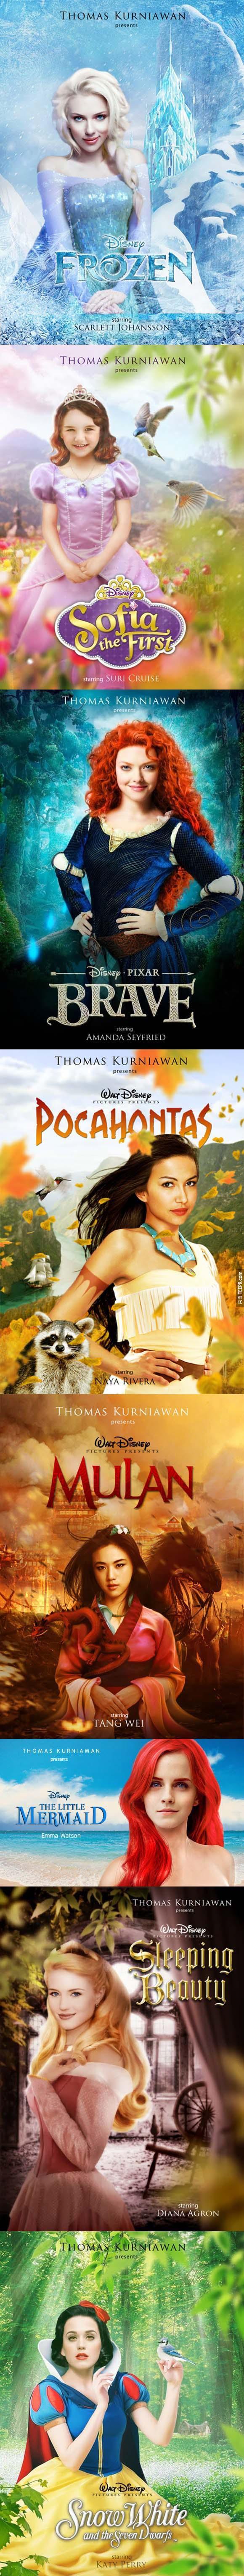 當好萊塢最美的女明星變成我們最喜歡的迪士尼女主角。這根本就是夢想成真!我每一部想看!